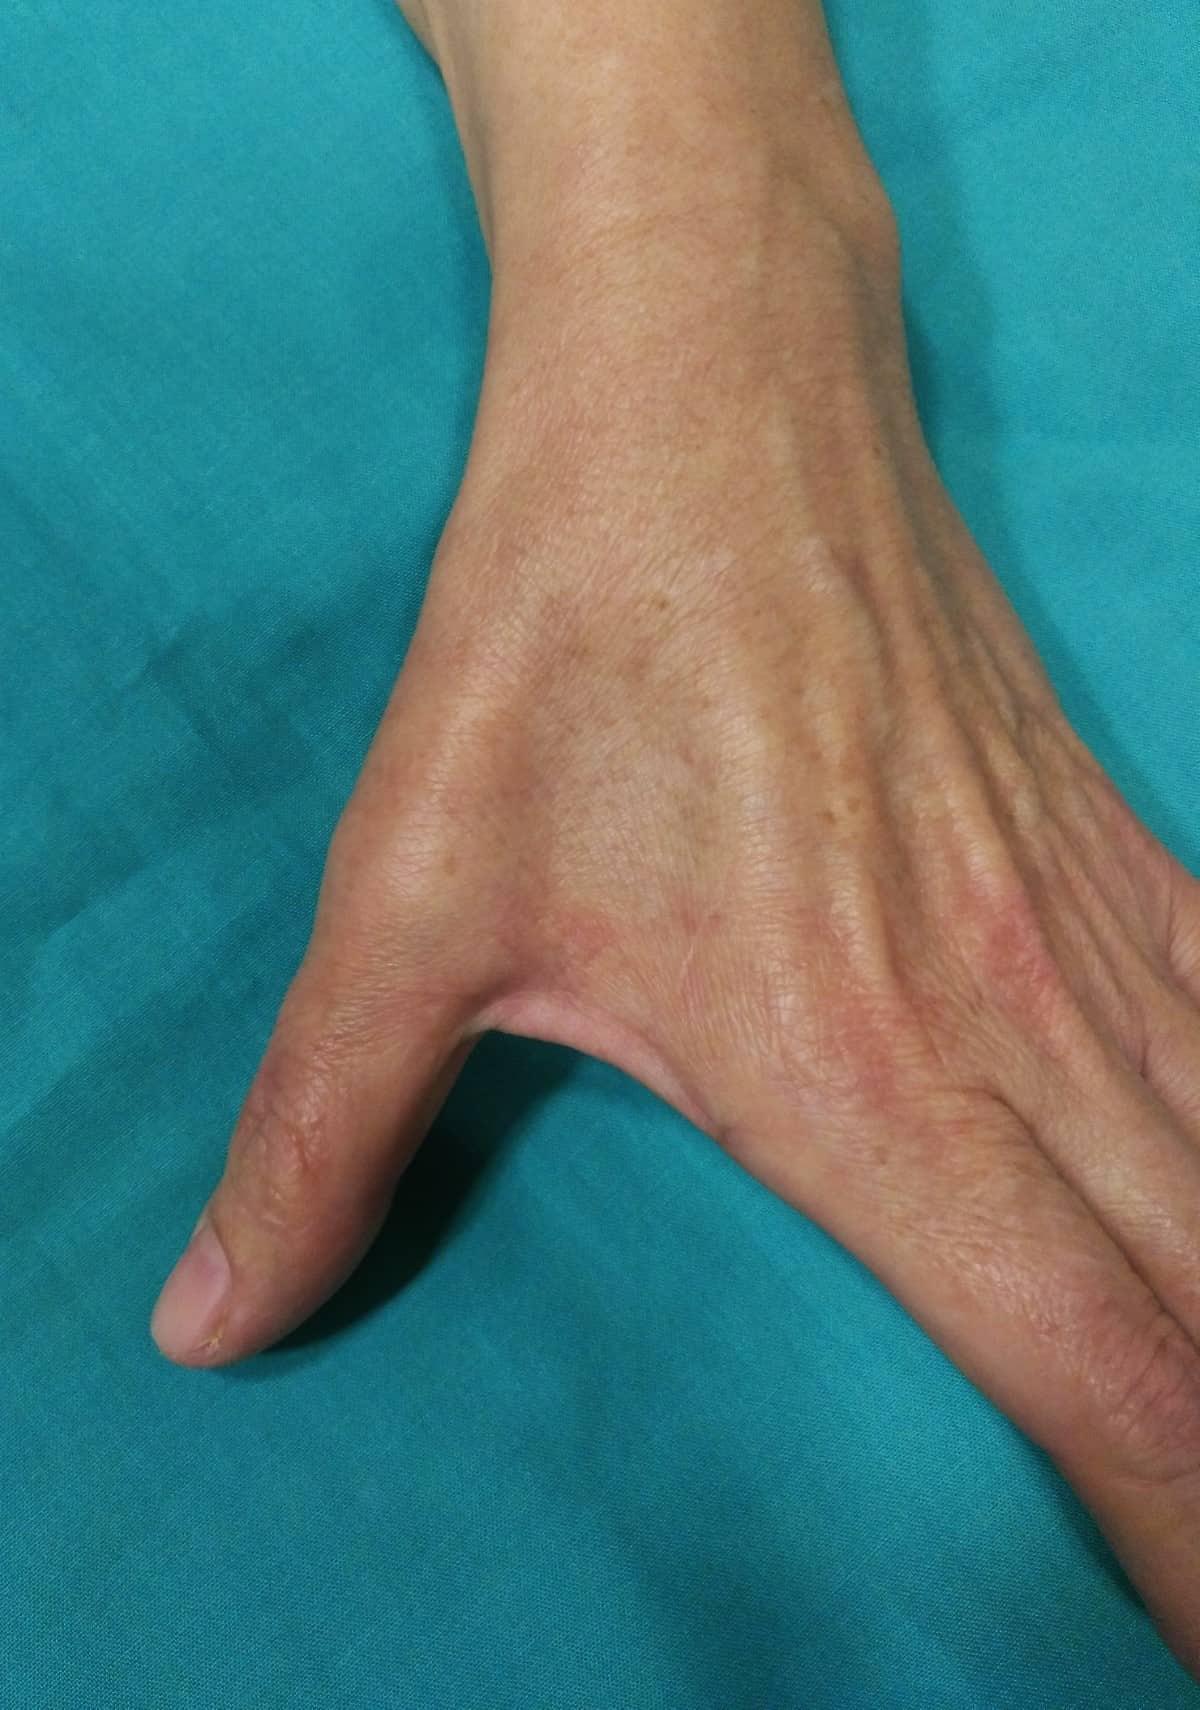 El covid-19 también puede dejar secuelas en la mano: Desde el dolor brusco del síndrome del túnel carpiano hasta la parálisis nerviosa. 3